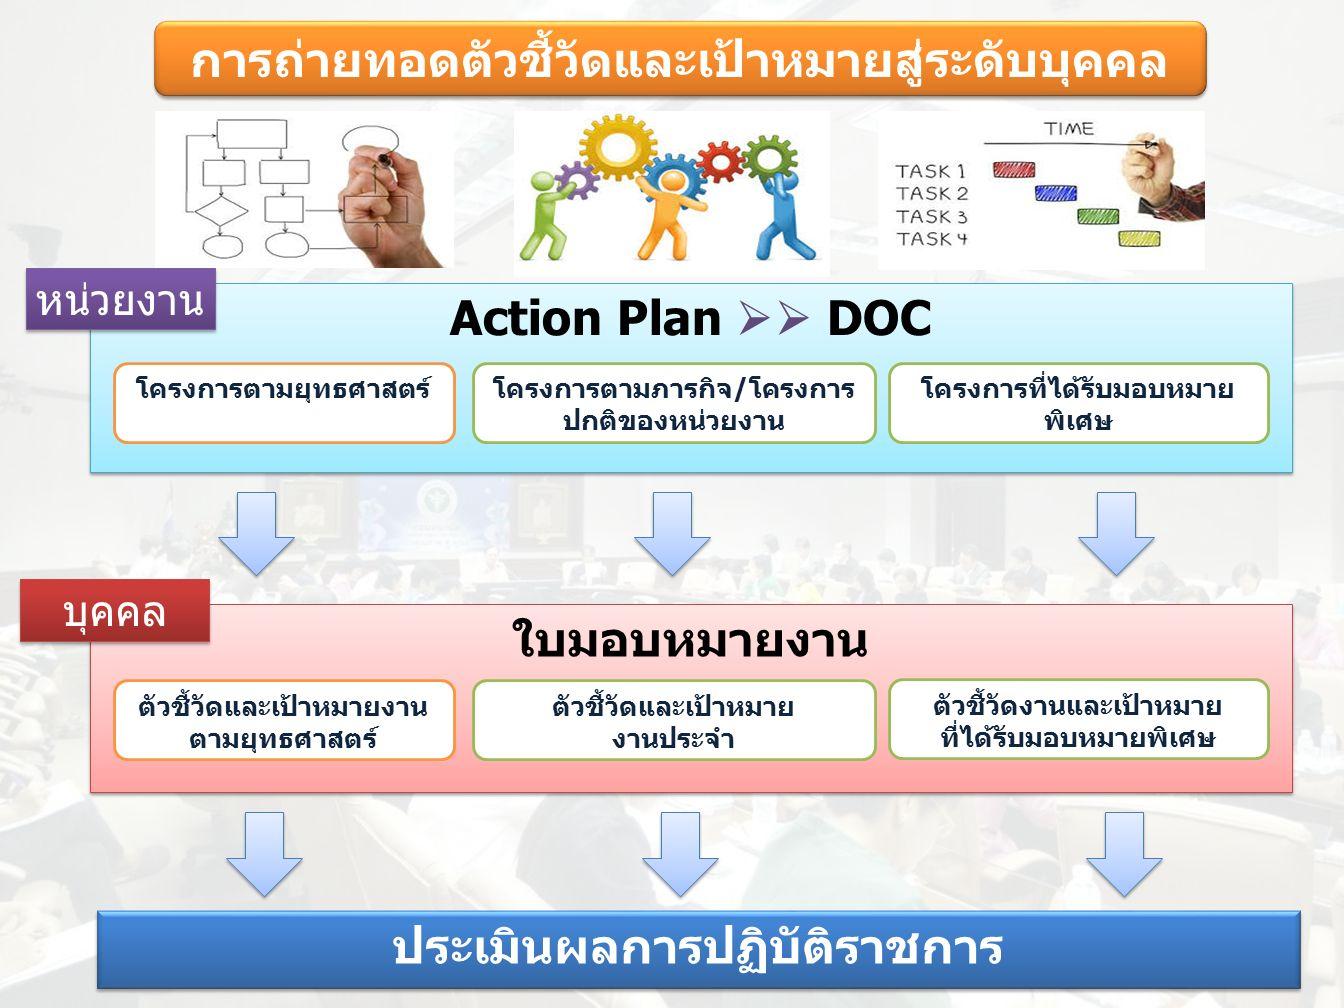 ใบมอบหมายงาน การถ่ายทอดตัวชี้วัดและเป้าหมายสู่ระดับบุคคล Action Plan  DOC โครงการตามภารกิจ/โครงการ ปกติของหน่วยงาน โครงการตามยุทธศาสตร์ โครงการที่ได้รับมอบหมาย พิเศษ หน่วยงาน ตัวชี้วัดและเป้าหมายงาน ตามยุทธศาสตร์ ตัวชี้วัดและเป้าหมาย งานประจำ ตัวชี้วัดงานและเป้าหมาย ที่ได้รับมอบหมายพิเศษ บุคคล ประเมินผลการปฏิบัติราชการ